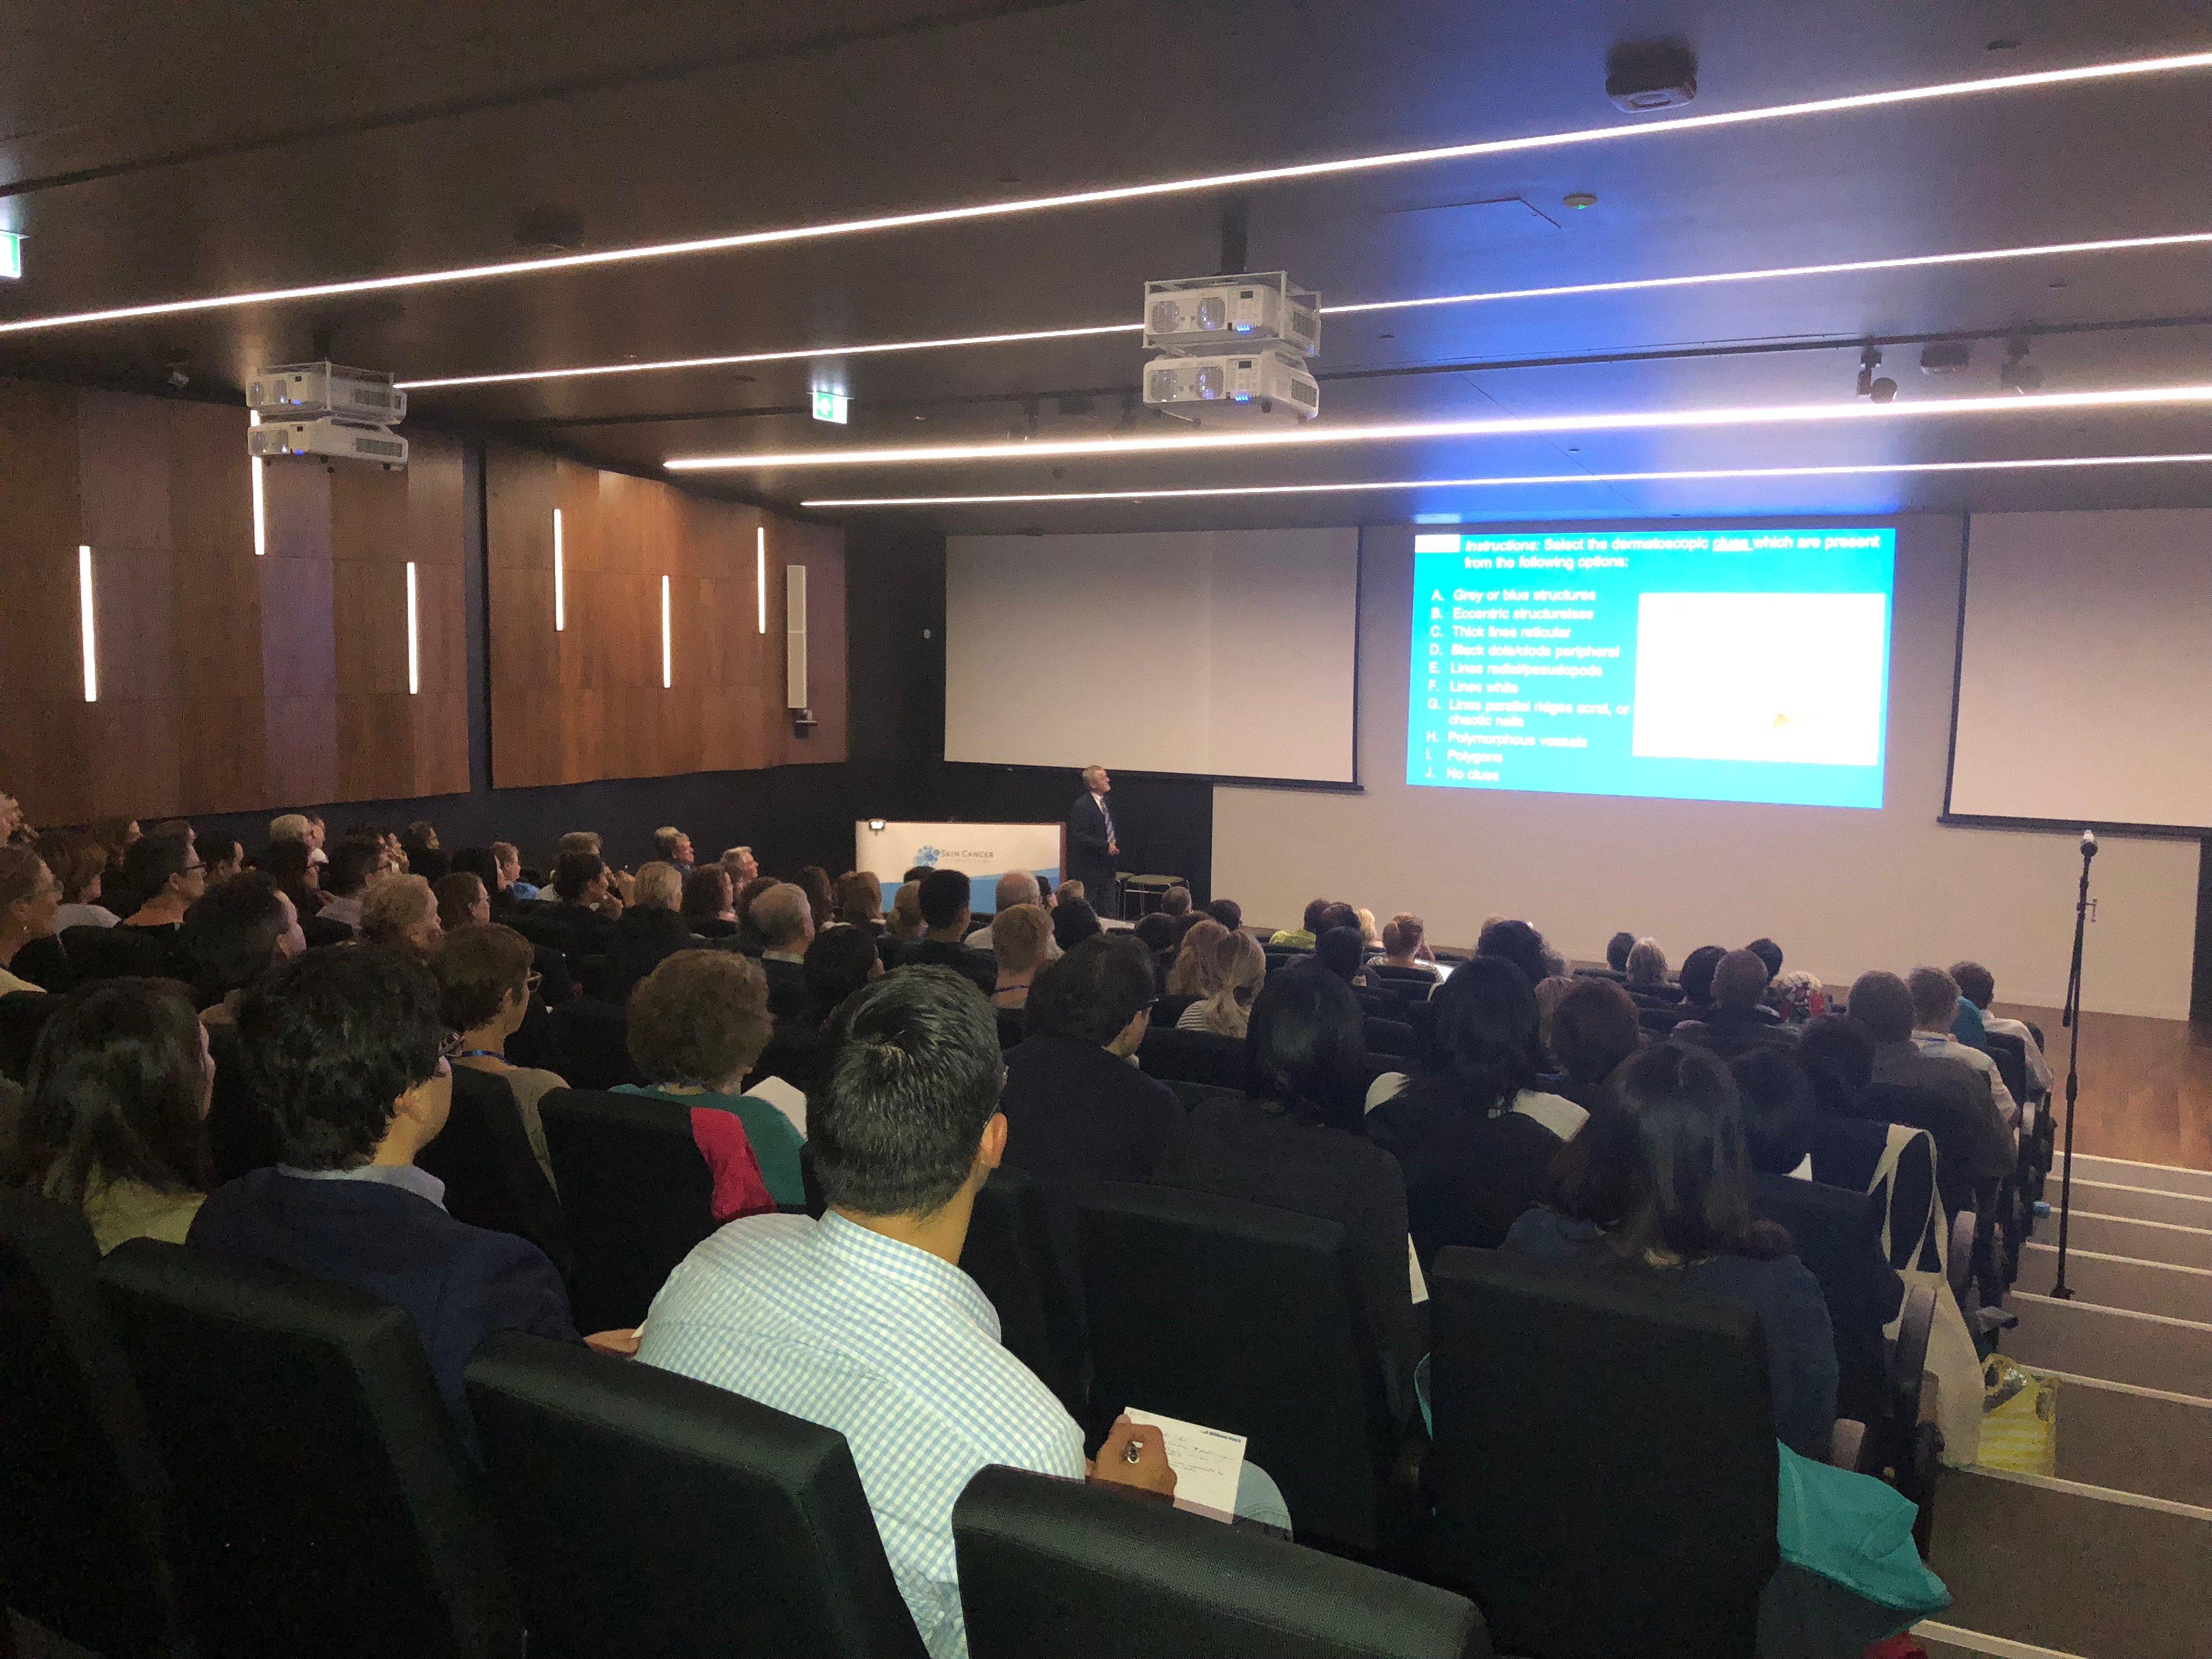 Skin Cancer Symposium DermEngine (Intelligent Dermatology Software) Presentation